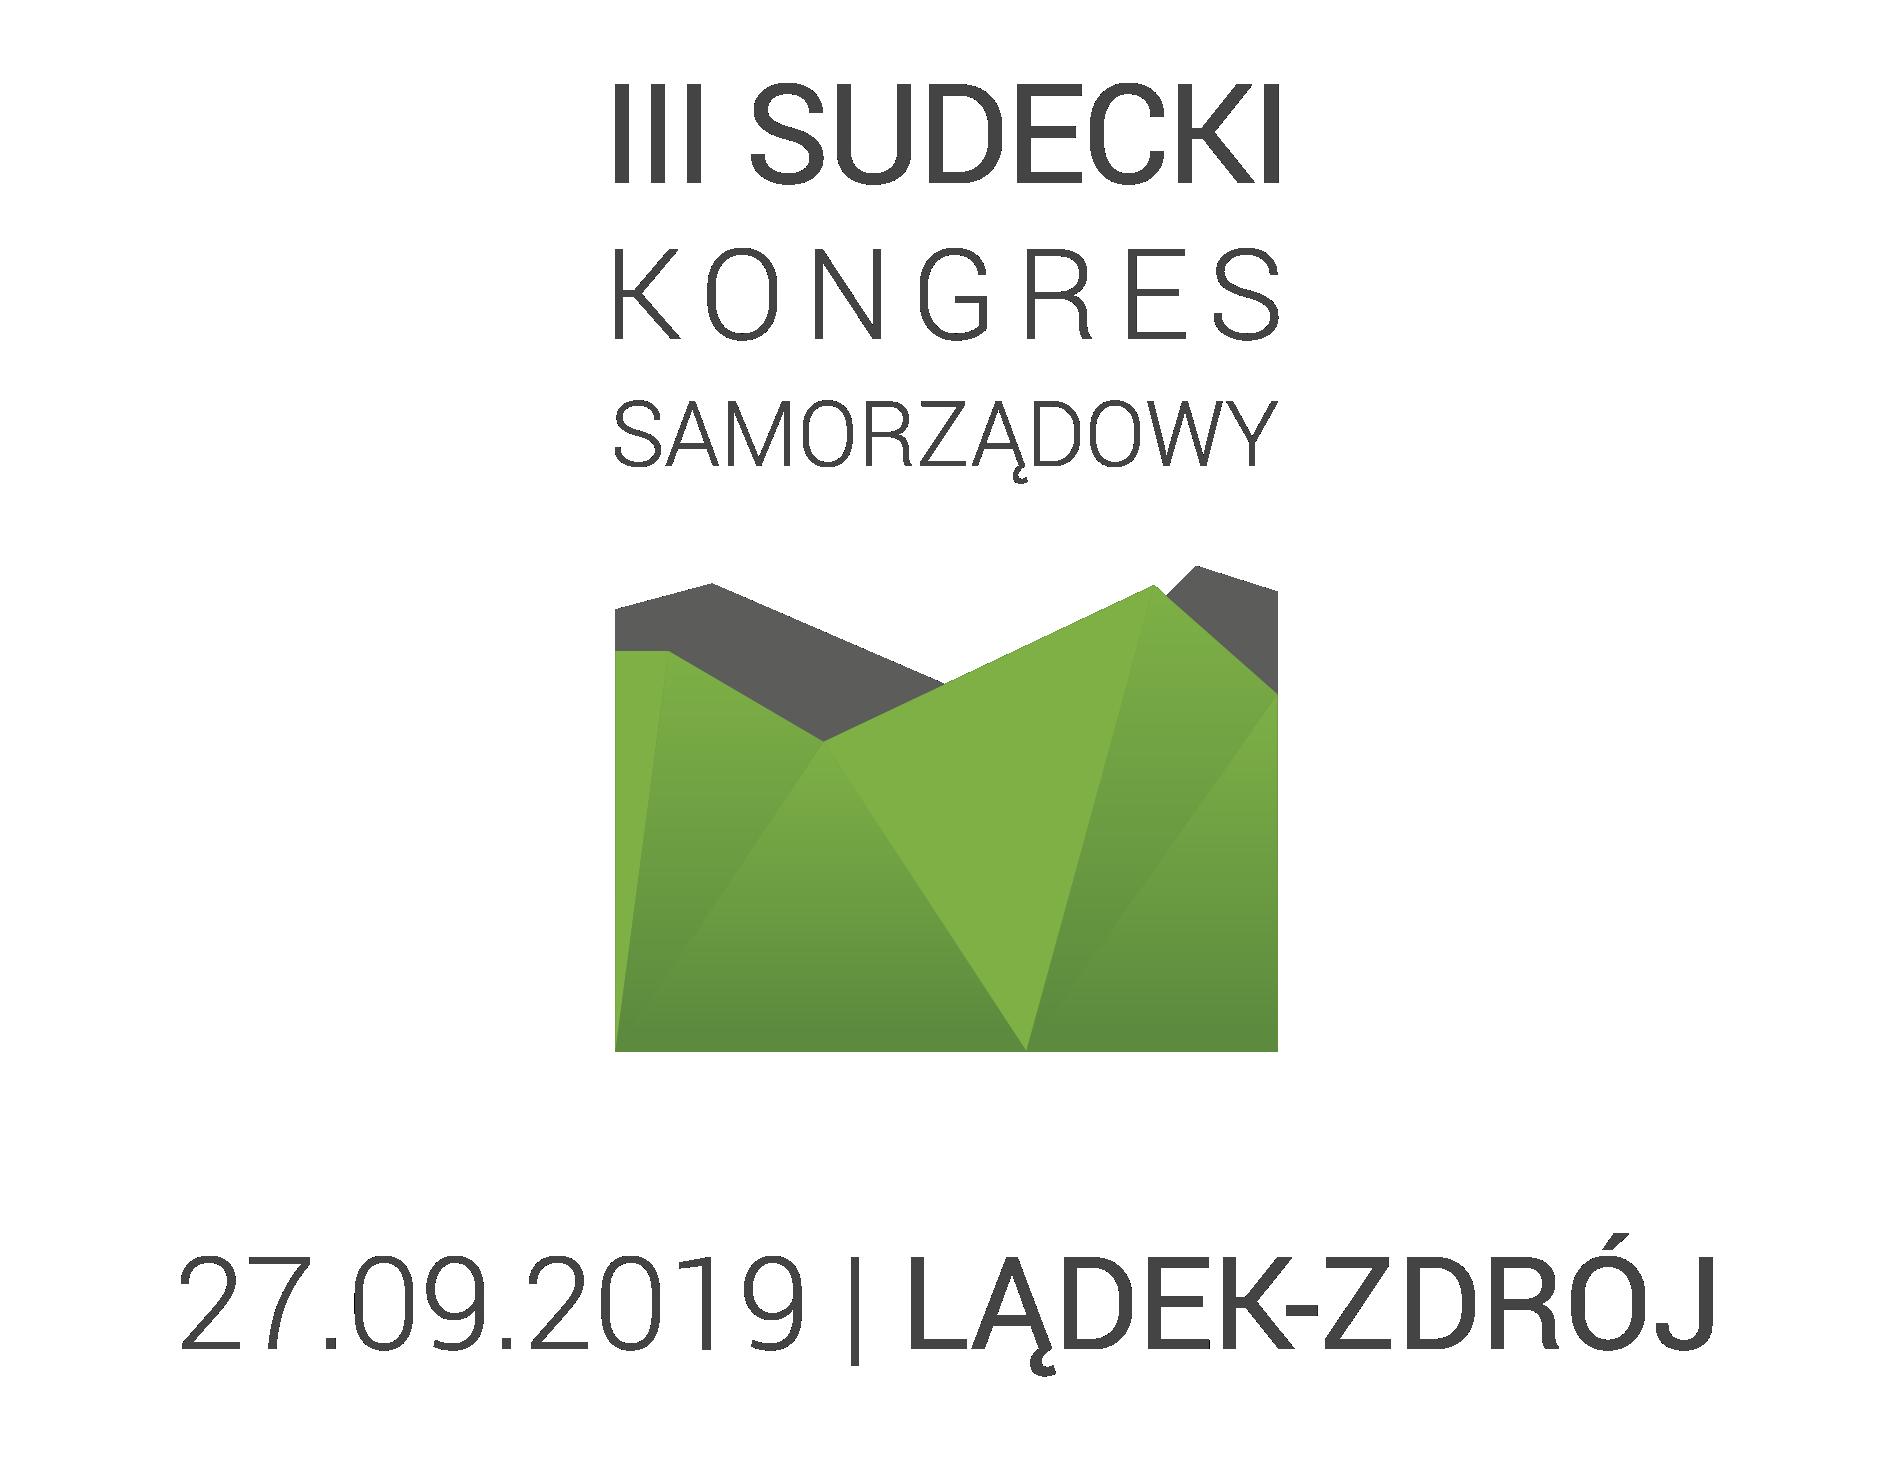 logo-3-sks-png